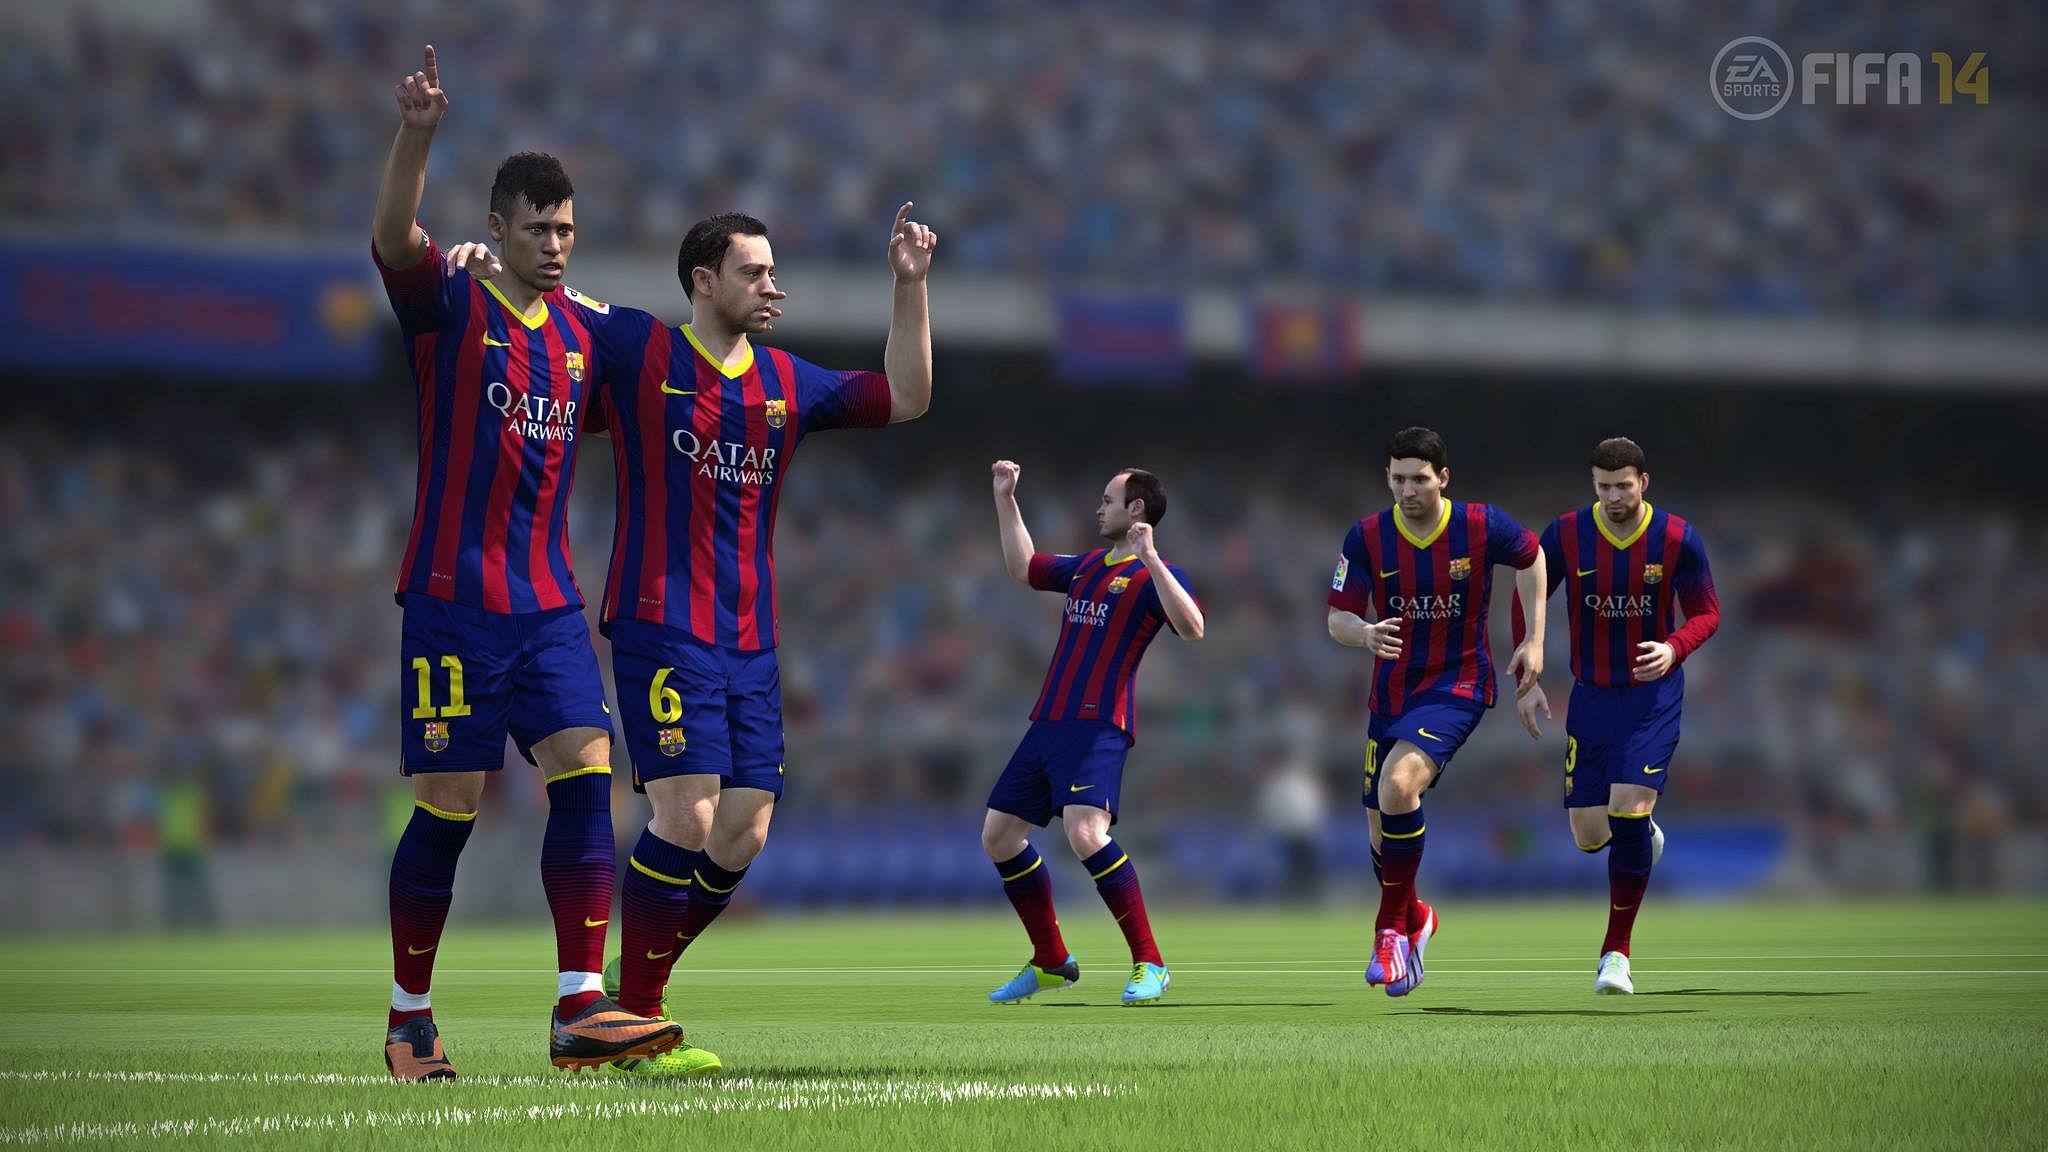 Fifa 2014 Crack Full İndir Kurulum (Resimli Anlatım)